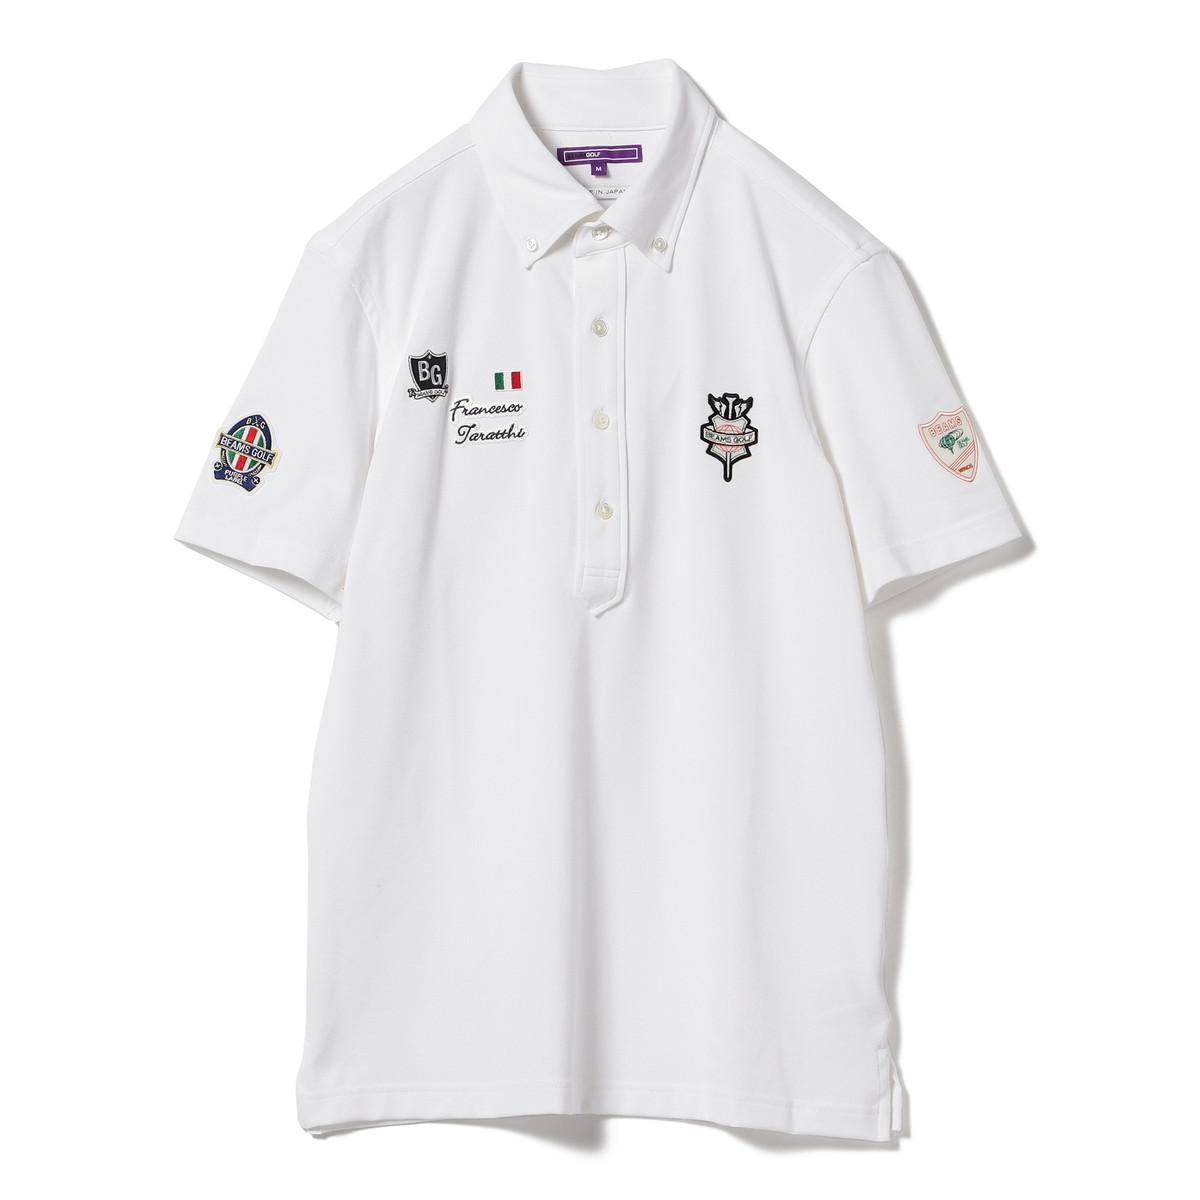 BEAMS GOLF PURPLE LABEL タラッティ 半袖ボタンダウンポロシャツ